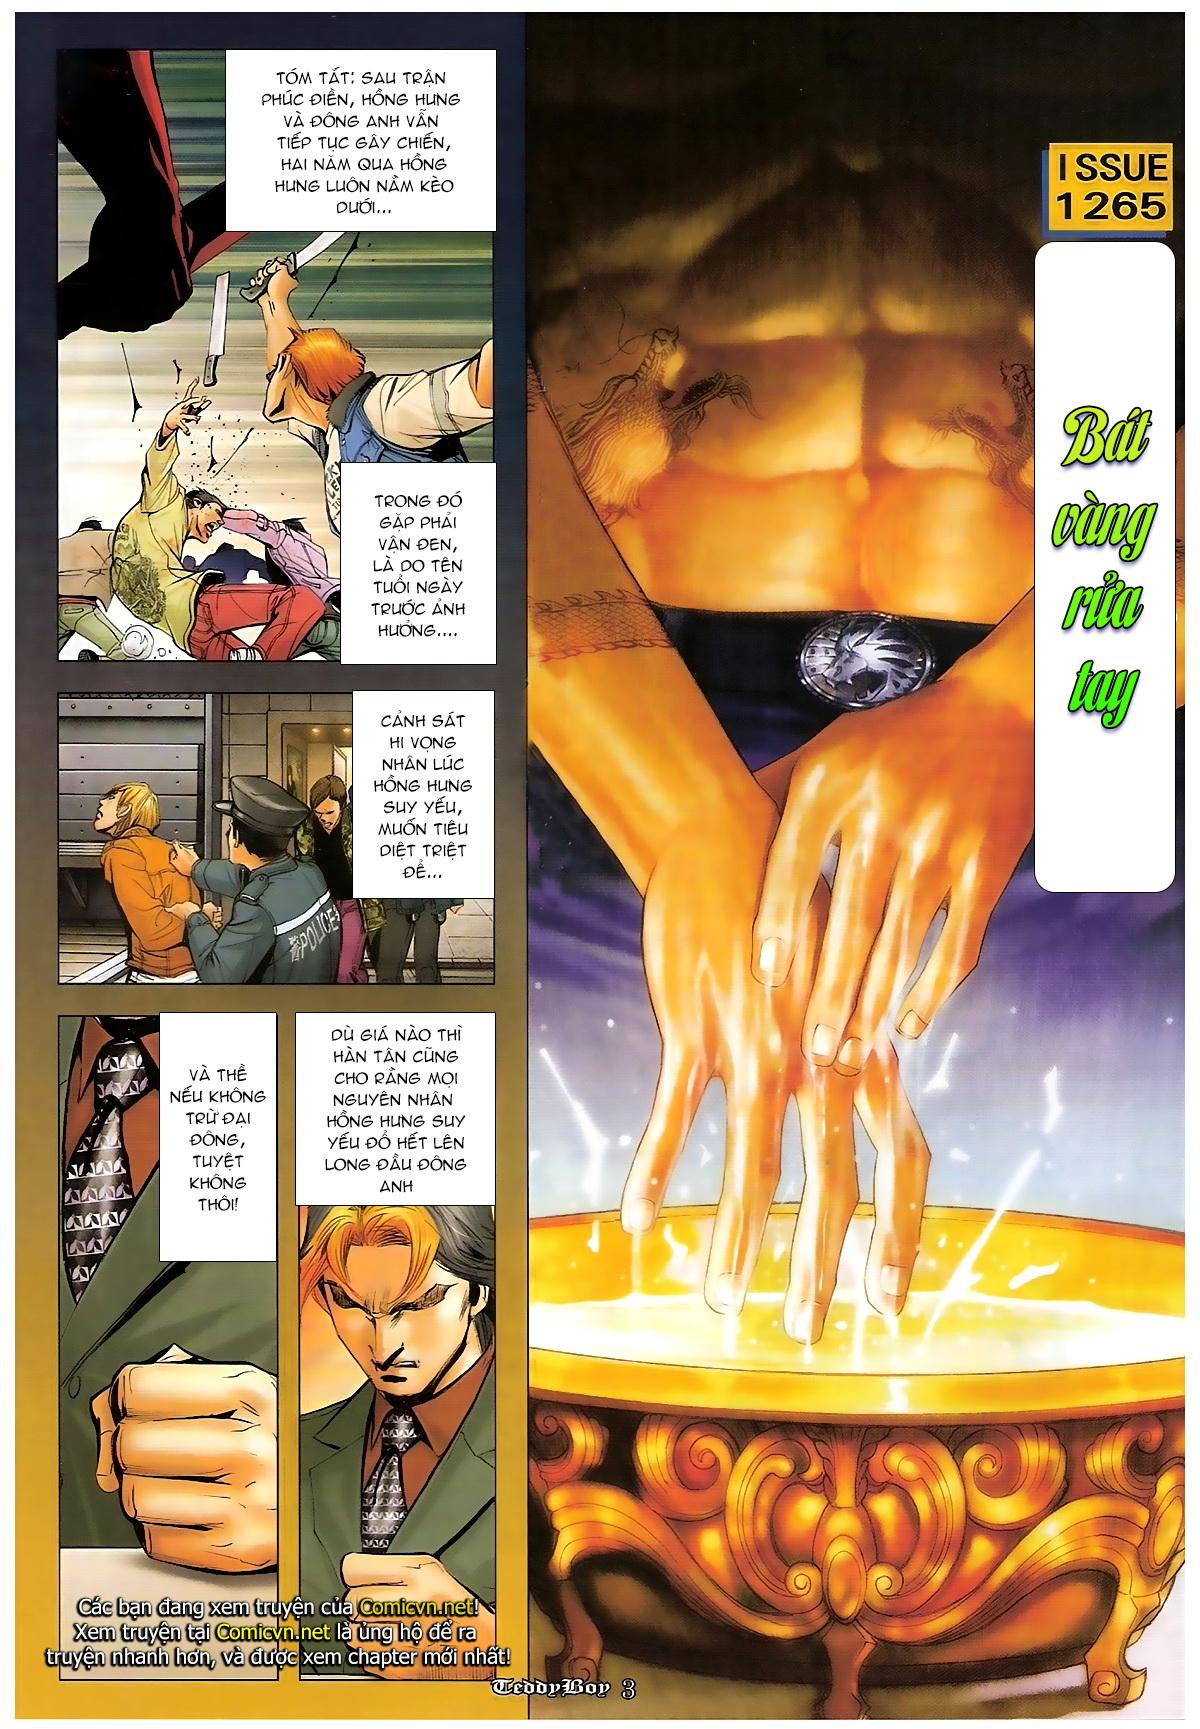 Người Trong Giang Hồ - Chapter 1265: Bát vàng rửa tay - Pic 2